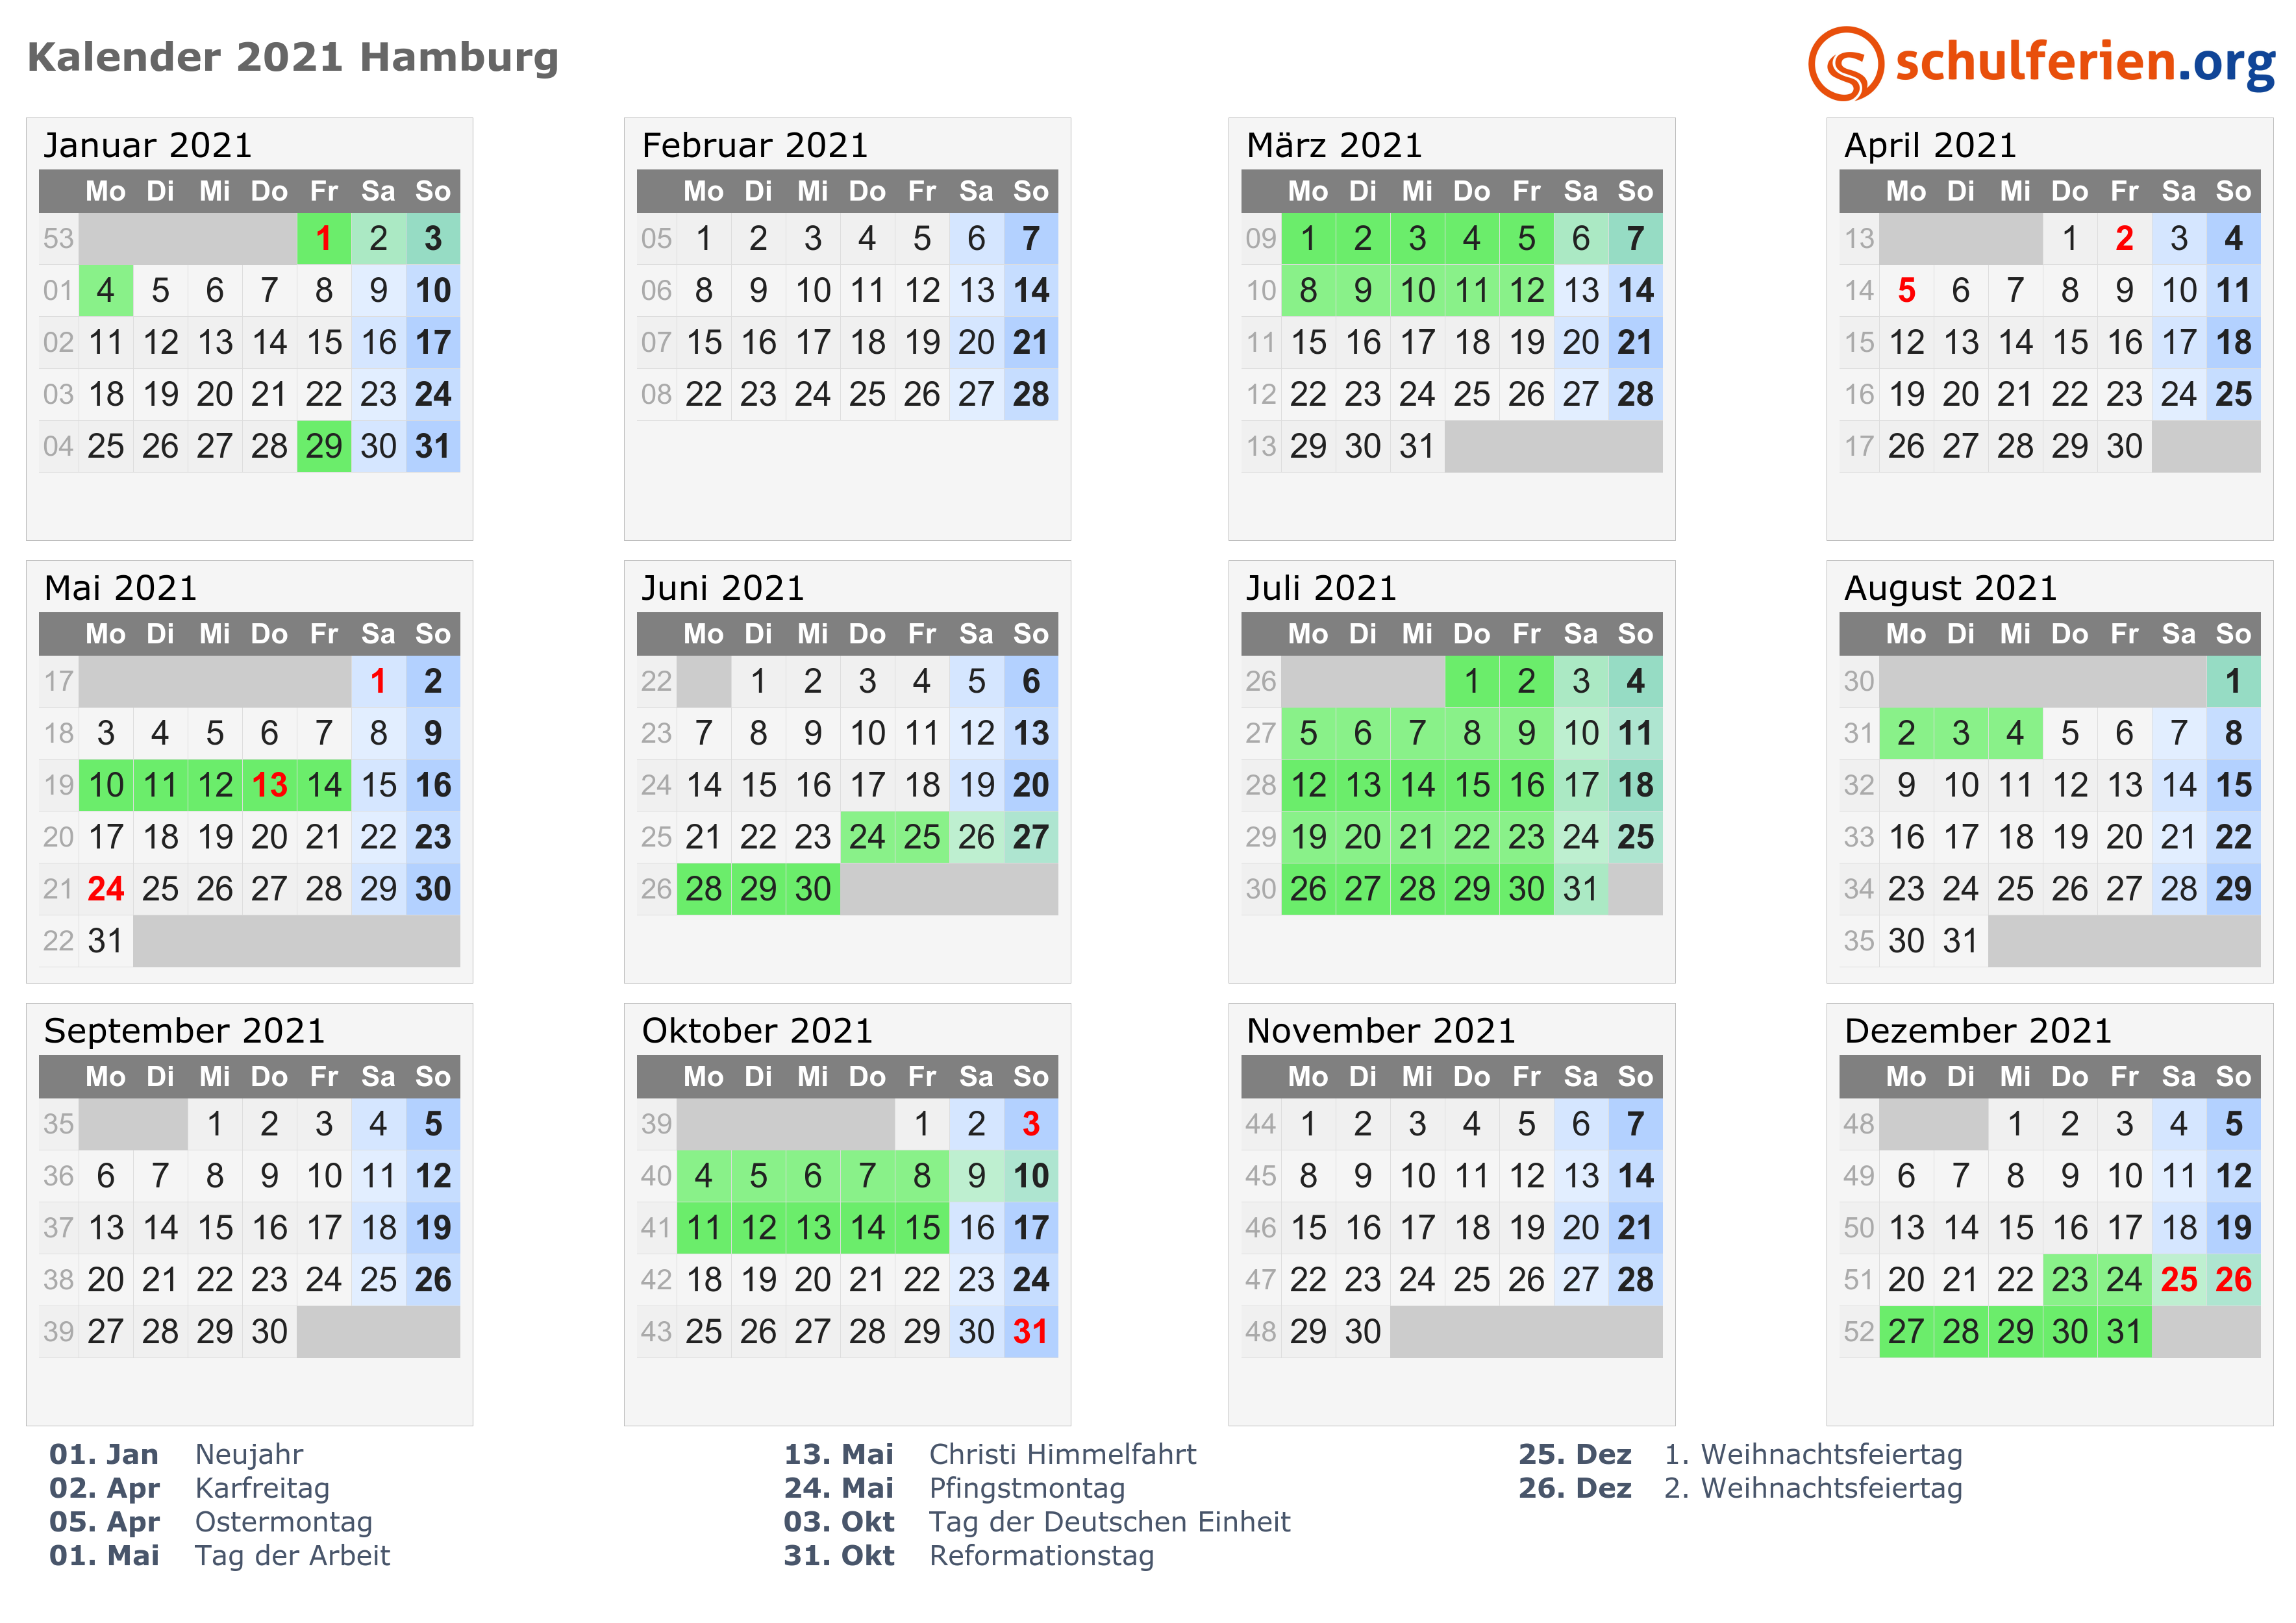 Kalender 2021 Hamburg